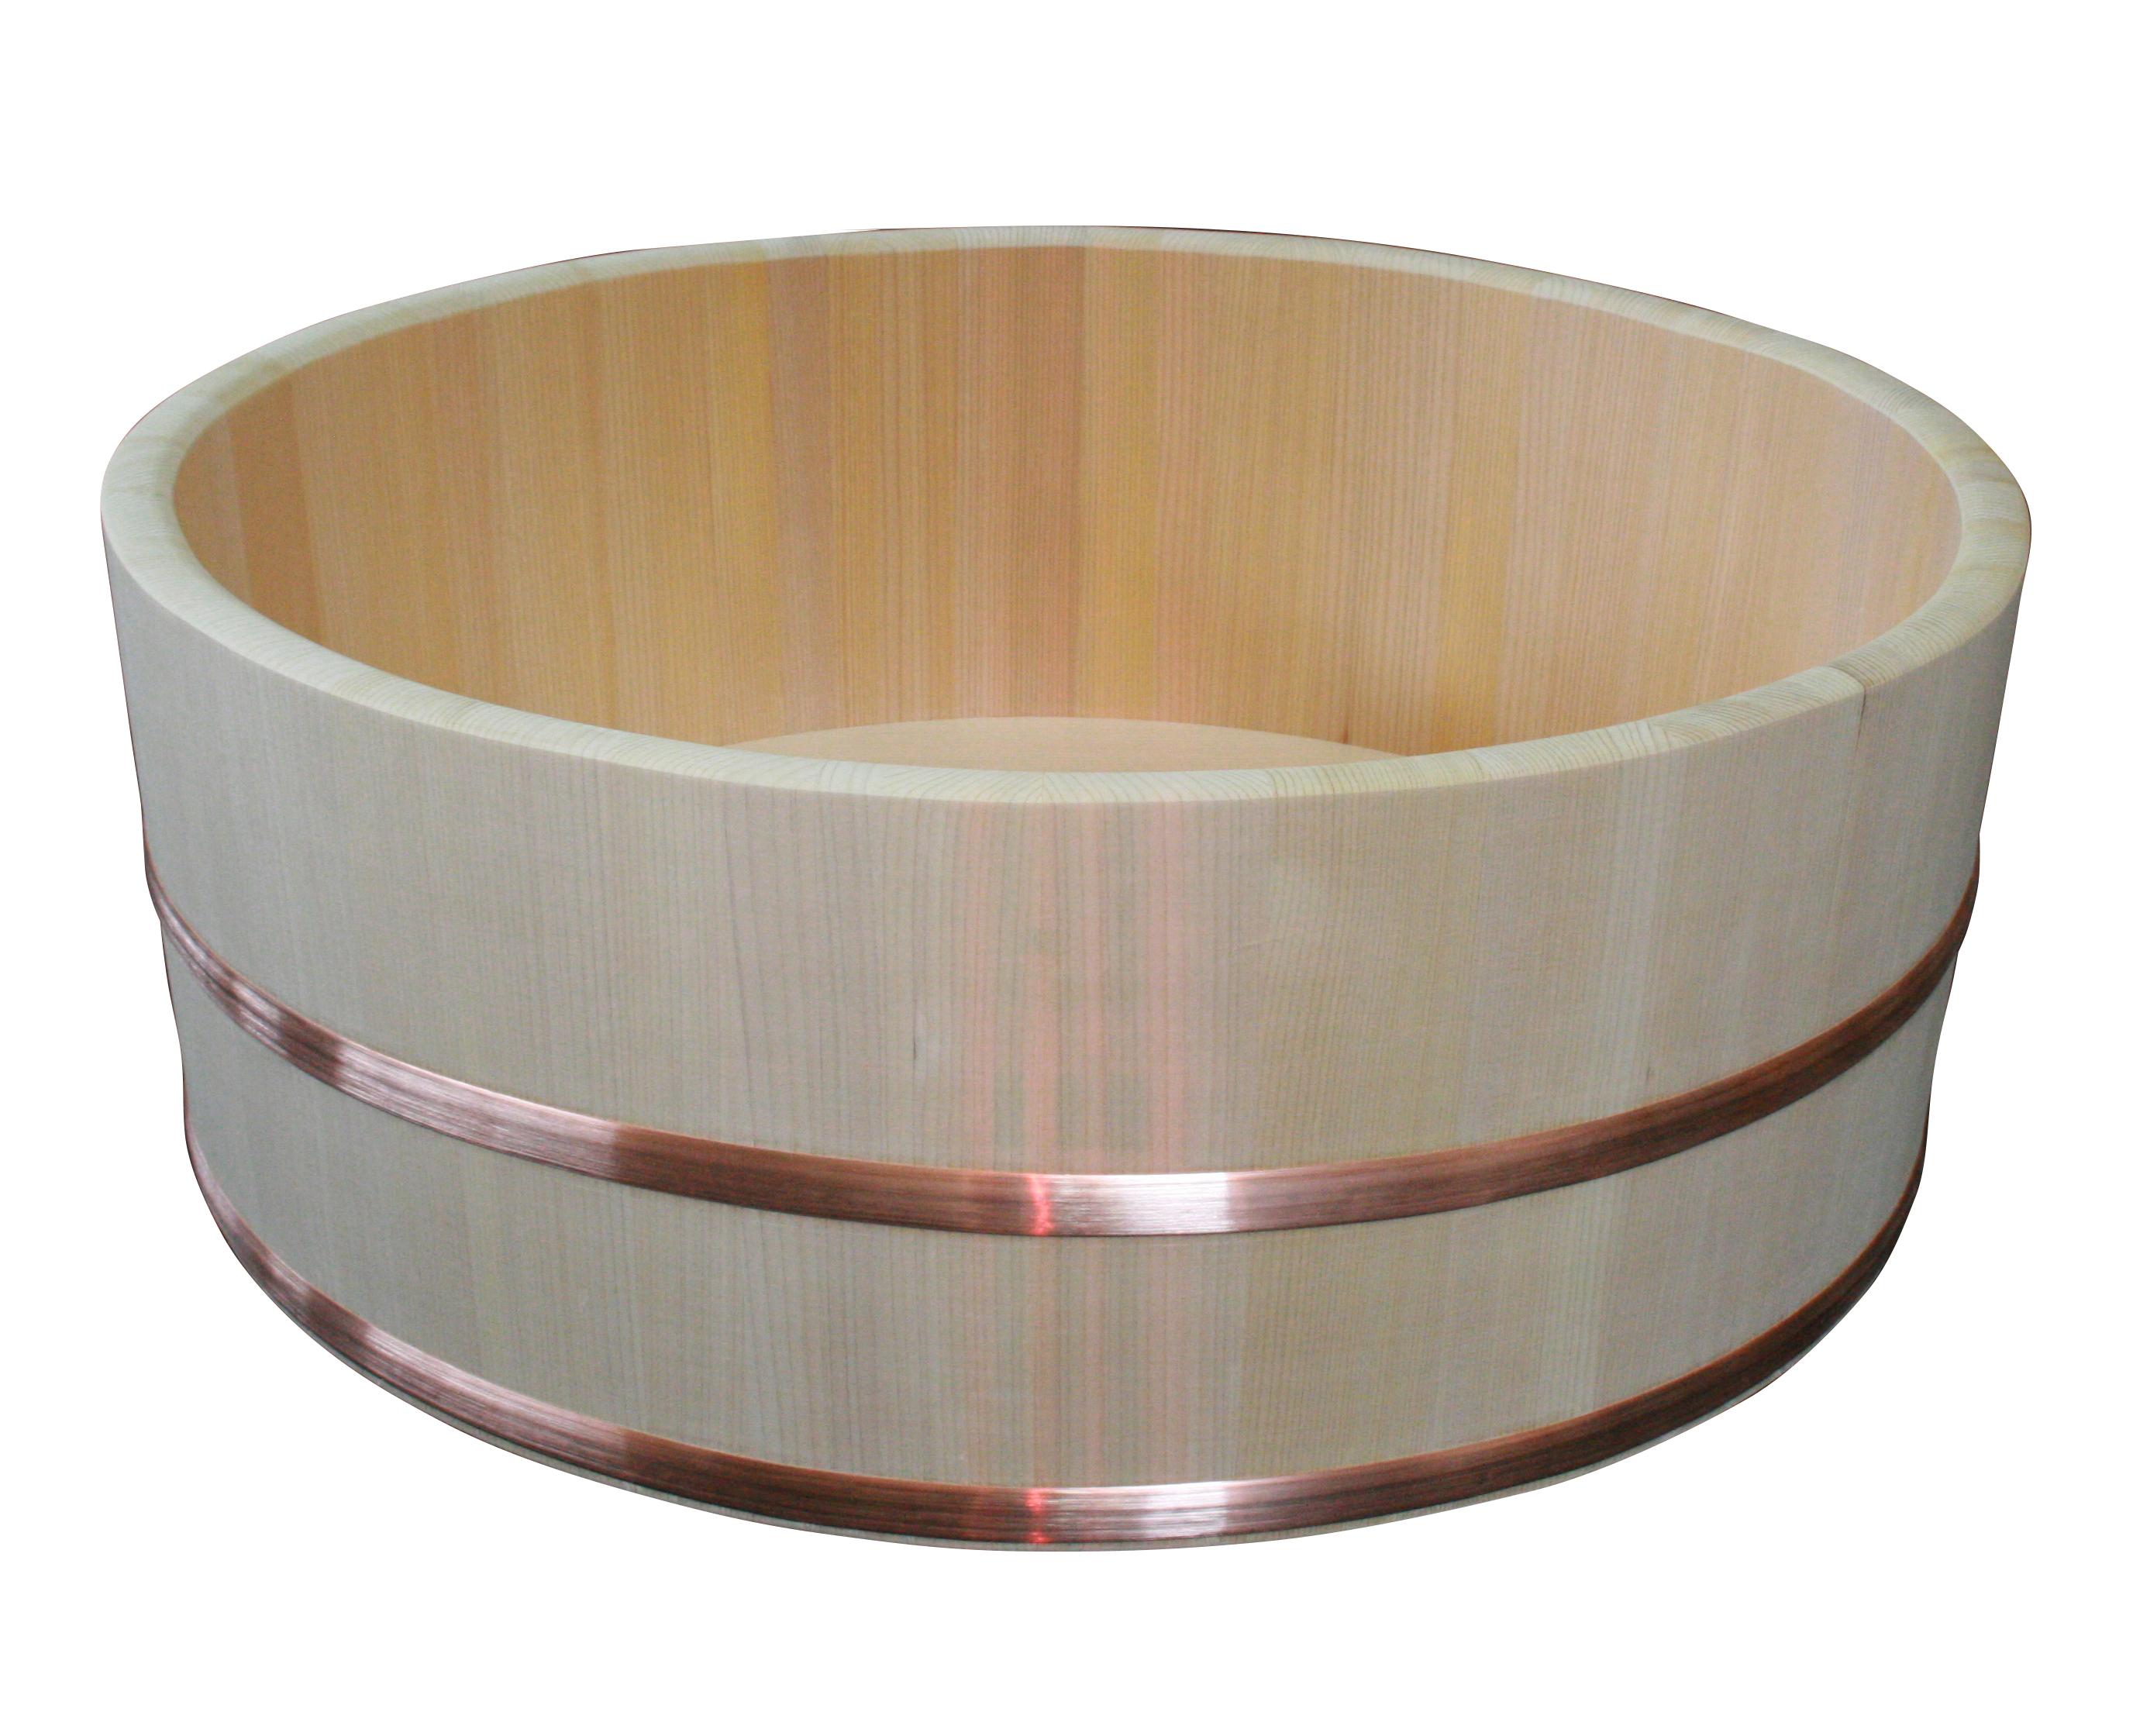 <受注生産品返品不可>洗濯用の桶として、昔はどの家庭にもあった「たらい」。現在は赤ちゃん用のベビーバスや、足湯桶として現役です。木厚もしっかり、保温性も抜群!外径66cm。